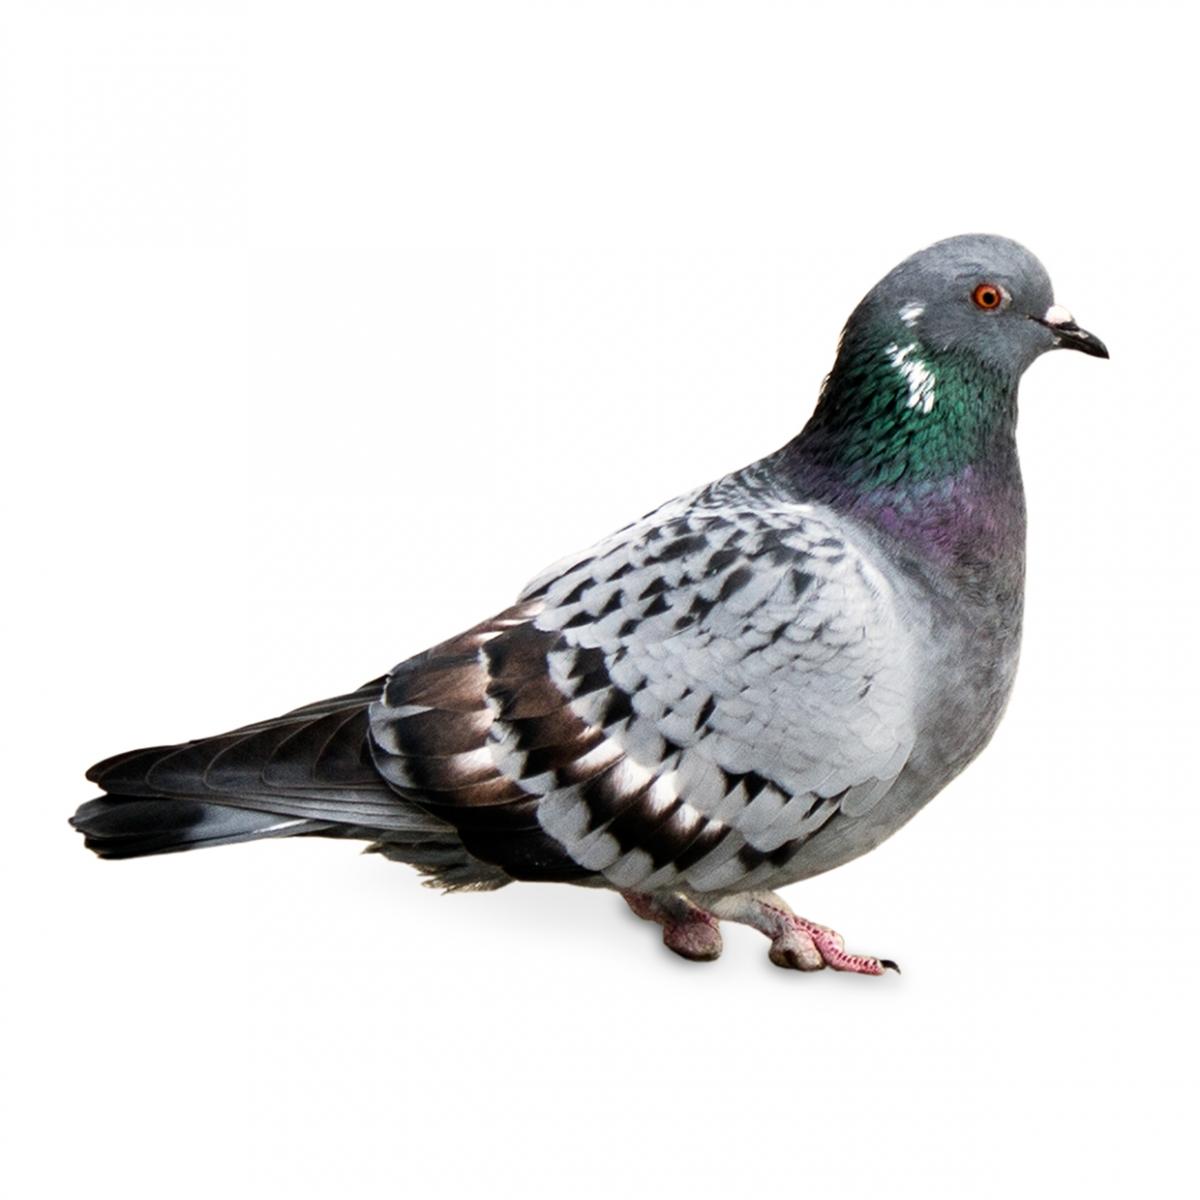 Imagen en la que se ve una paloma en perspectiva lateral